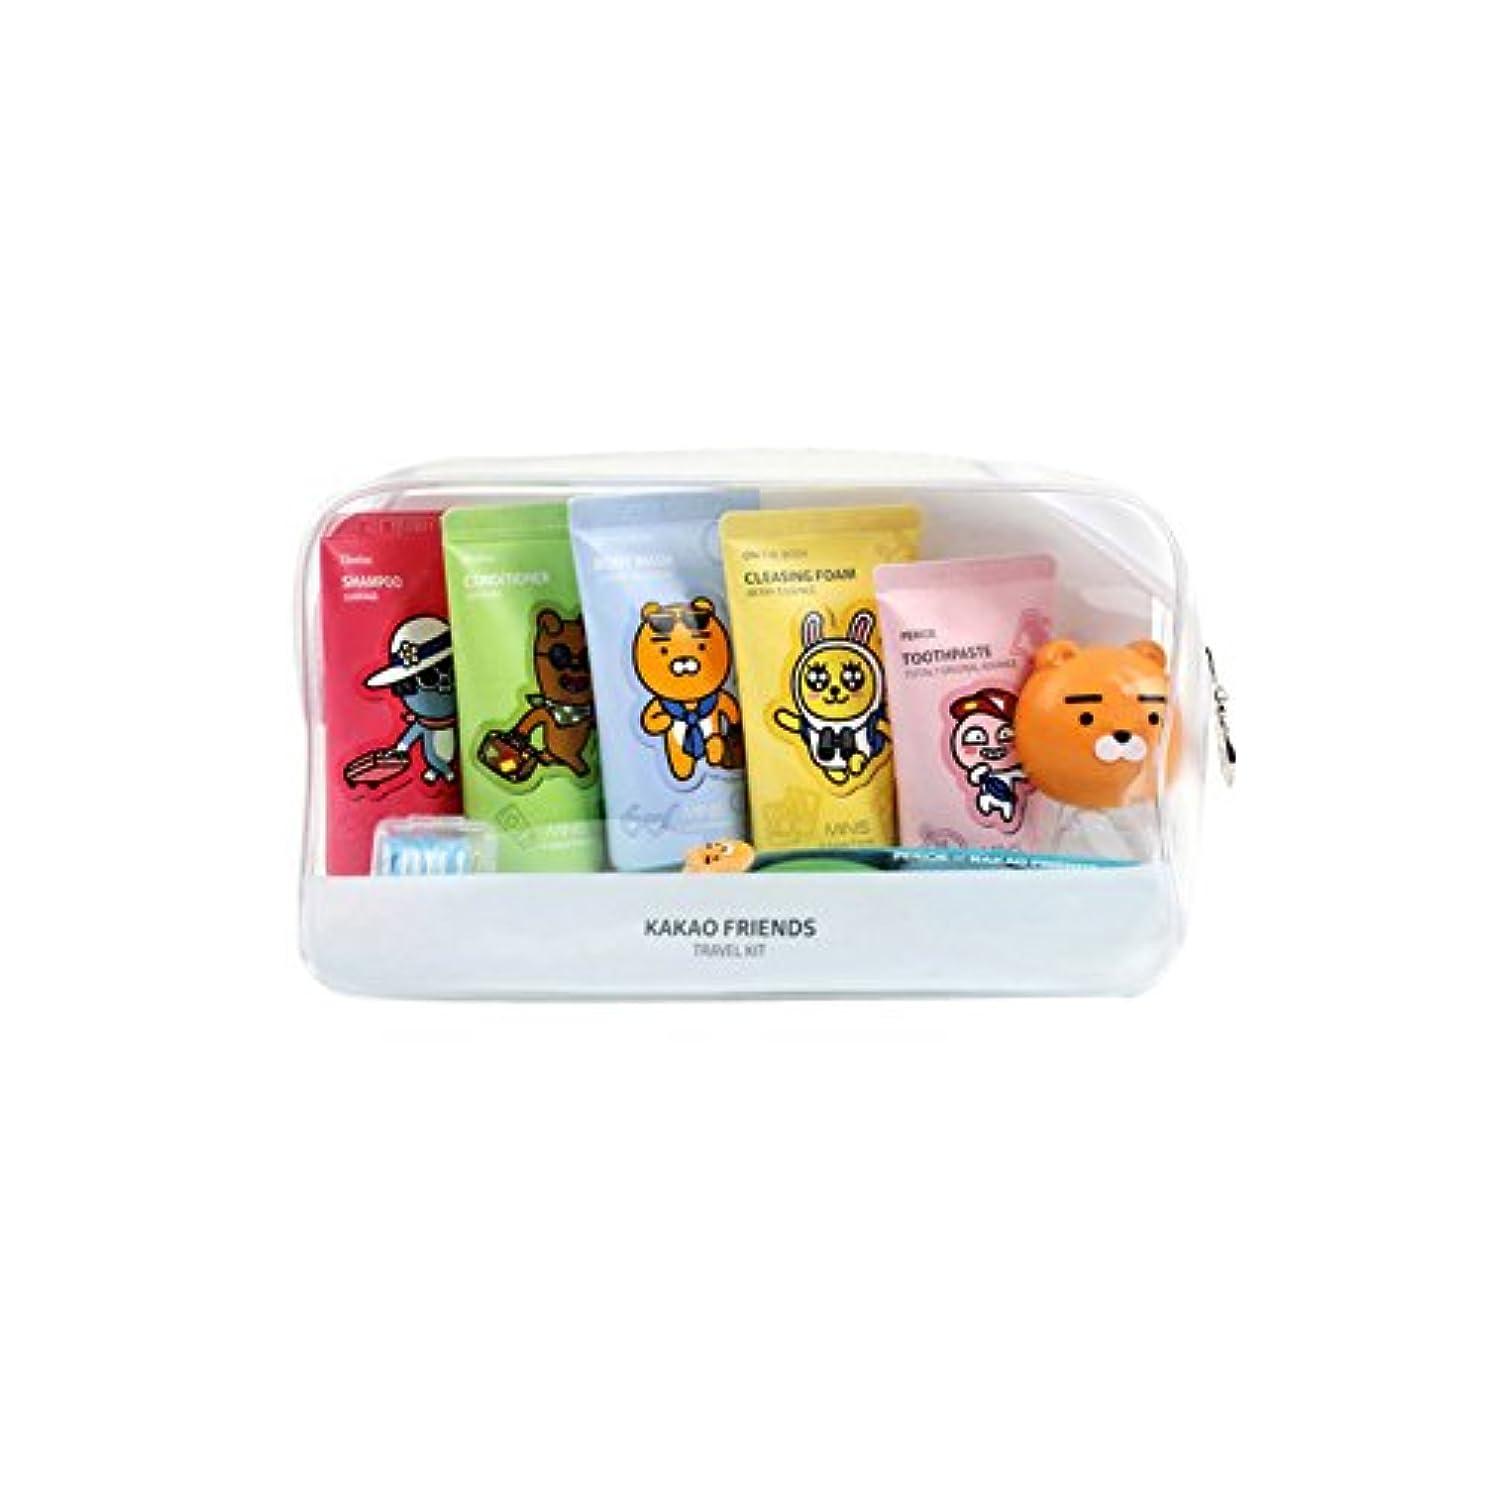 海藻研磨剤コロニアルKAKAO Friends Convenience Travel Kit 7 Piece Shampoo,Conditioner,Body Wash,Cleansing Foam,Tooth Paste,Tooth Brush...